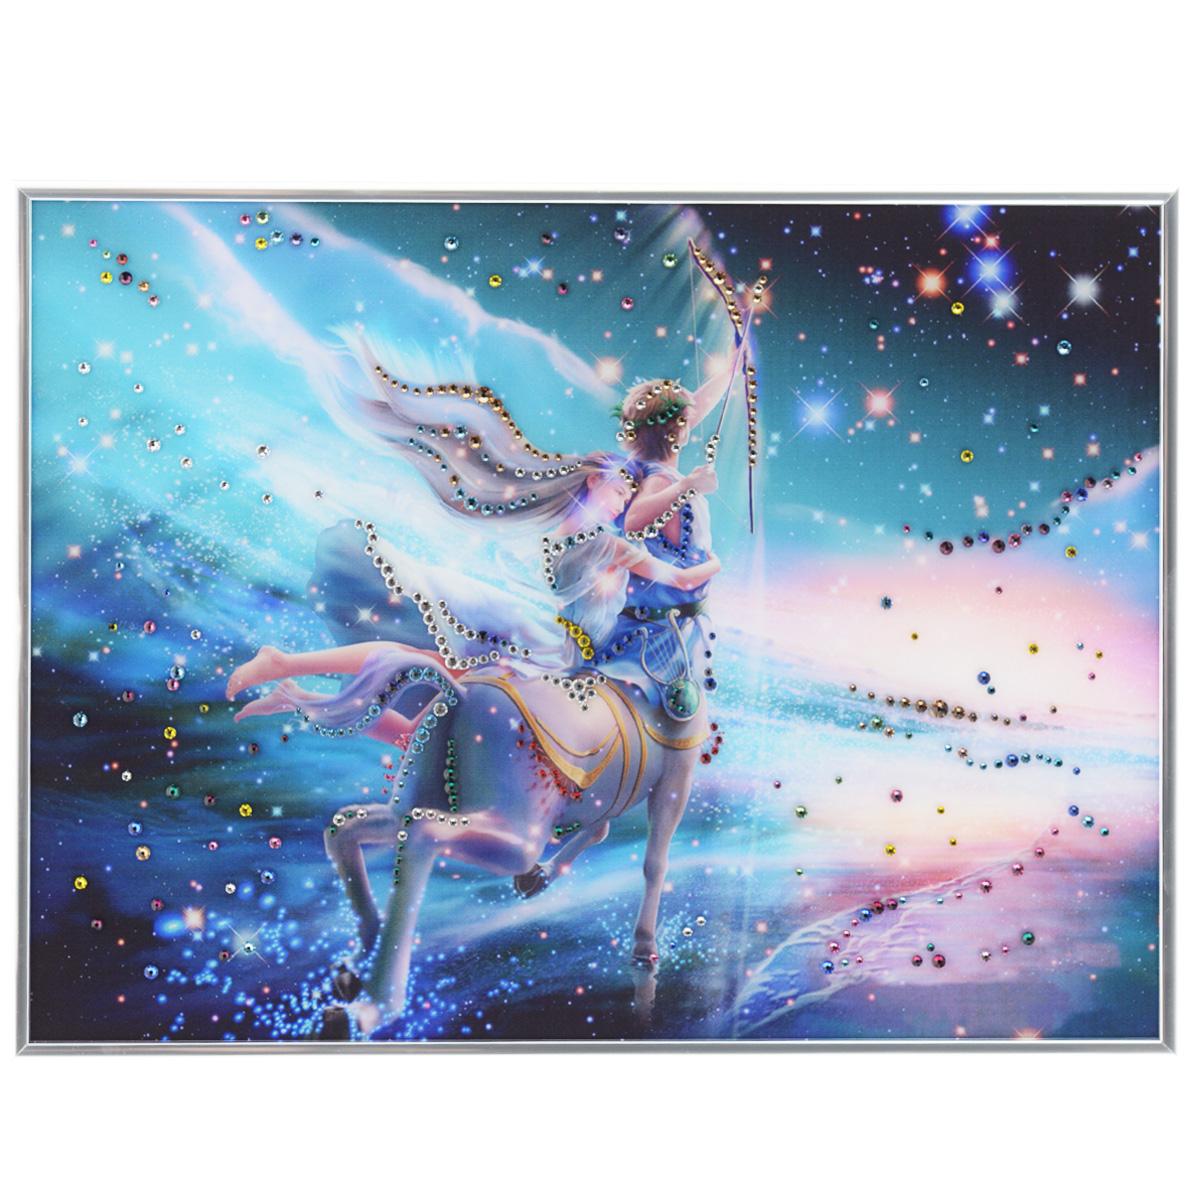 Картина с кристаллами Swarovski Знак зодиака. Стрелец Кагая, 40 см х 30 см1149Изящная картина в металлической раме, инкрустирована кристаллами Swarovski, которые отличаются четкой и ровной огранкой, ярким блеском и чистотой цвета. Красочное изображение знака зодиака - стрелец Кагая, расположенное под стеклом, прекрасно дополняет блеск кристаллов. С обратной стороны имеется металлическая петелька для размещения картины на стене. Картина с кристаллами Swarovski Знак зодиака. Стрелец Кагая элегантно украсит интерьер дома или офиса, а также станет прекрасным подарком, который обязательно понравится получателю. Блеск кристаллов в интерьере, что может быть сказочнее и удивительнее. Картина упакована в подарочную картонную коробку синего цвета и комплектуется сертификатом соответствия Swarovski.